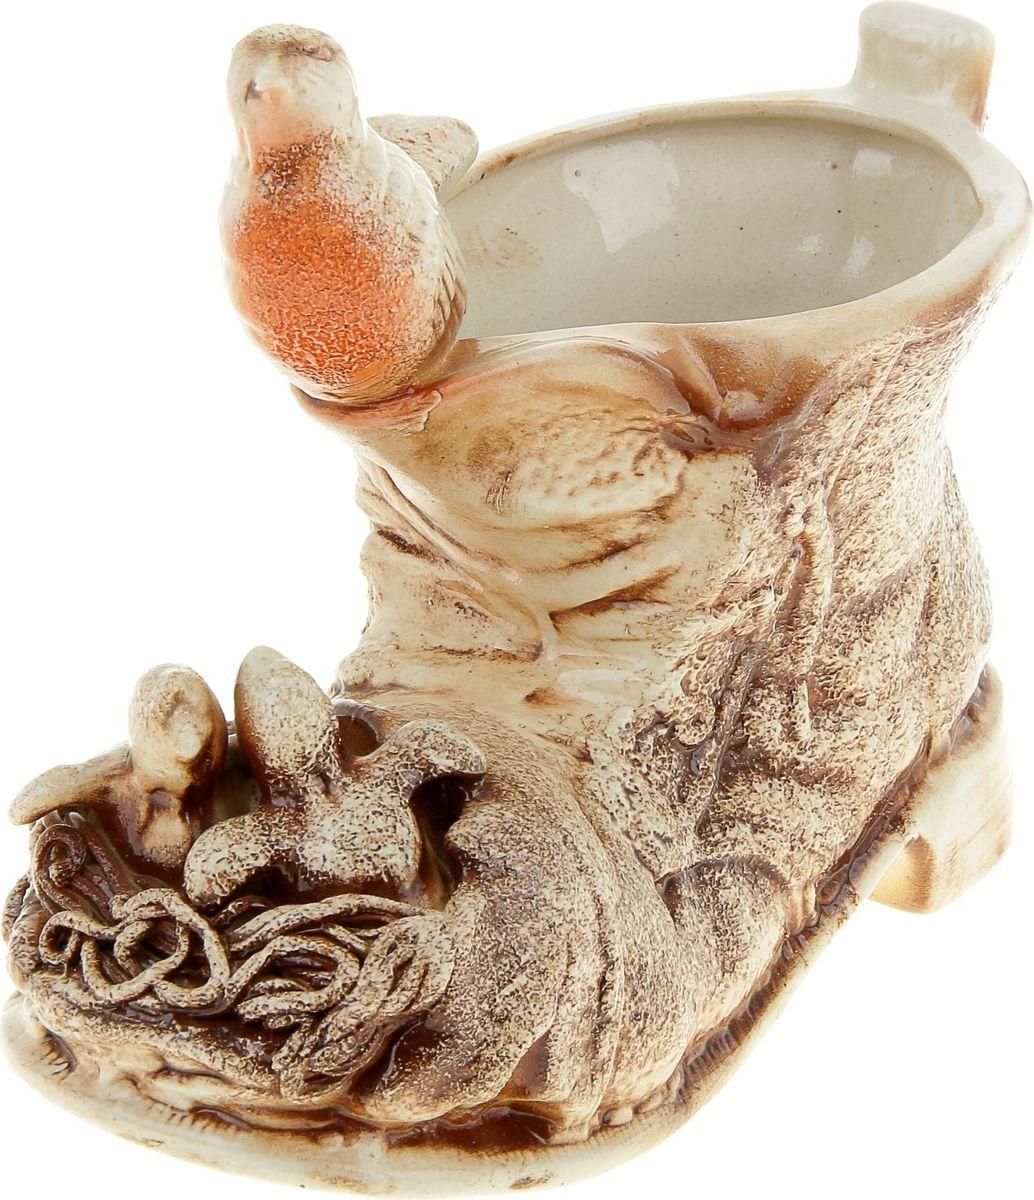 Кашпо Керамика ручной работы Гнездо в башмаке, цвет: коричневый, 1,2 л836714Комнатные растения — всеобщие любимцы. Они радуют глаз, насыщают помещение кислородом и украшают пространство. Каждому из растений необходим свой удобный и красивый дом. Поселите зелёного питомца в яркое и оригинальное фигурное кашпо. Выберите подходящую форму для детской, спальни, гостиной, балкона, офиса или террасы. #name# позаботится о растении, украсит окружающее пространство и подчеркнёт его оригинальный стиль.